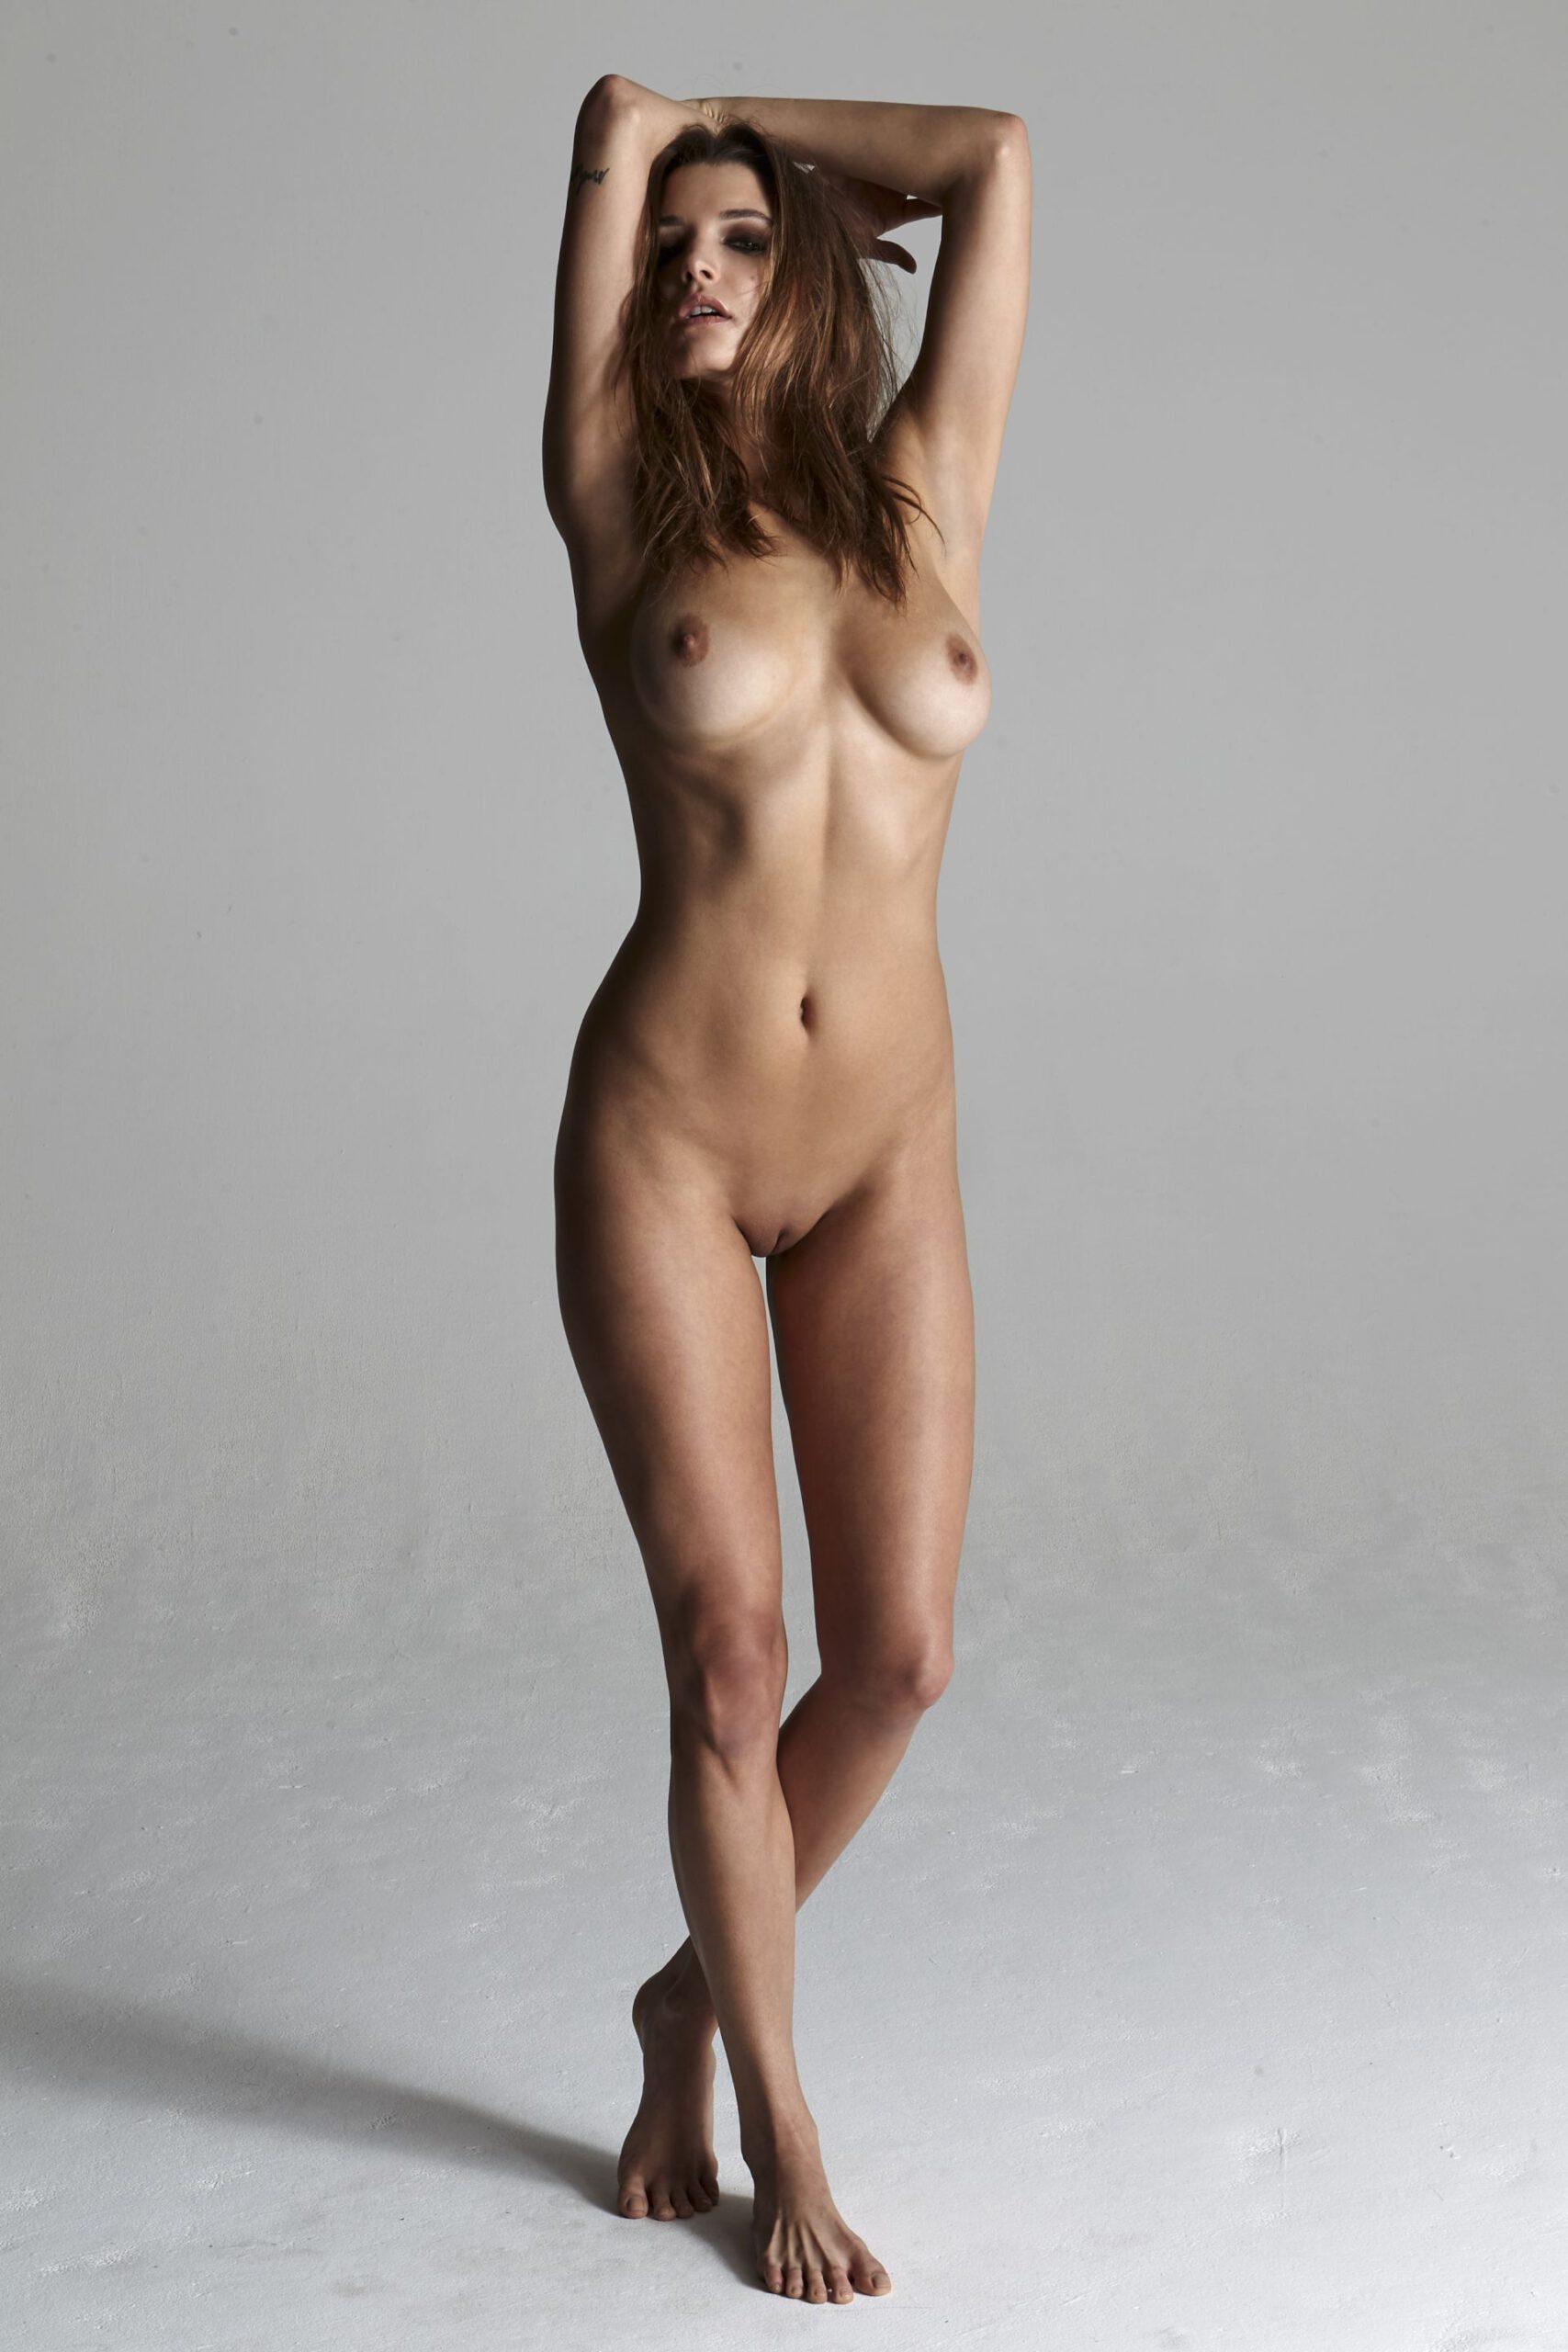 Alyssa arce nackt bilder